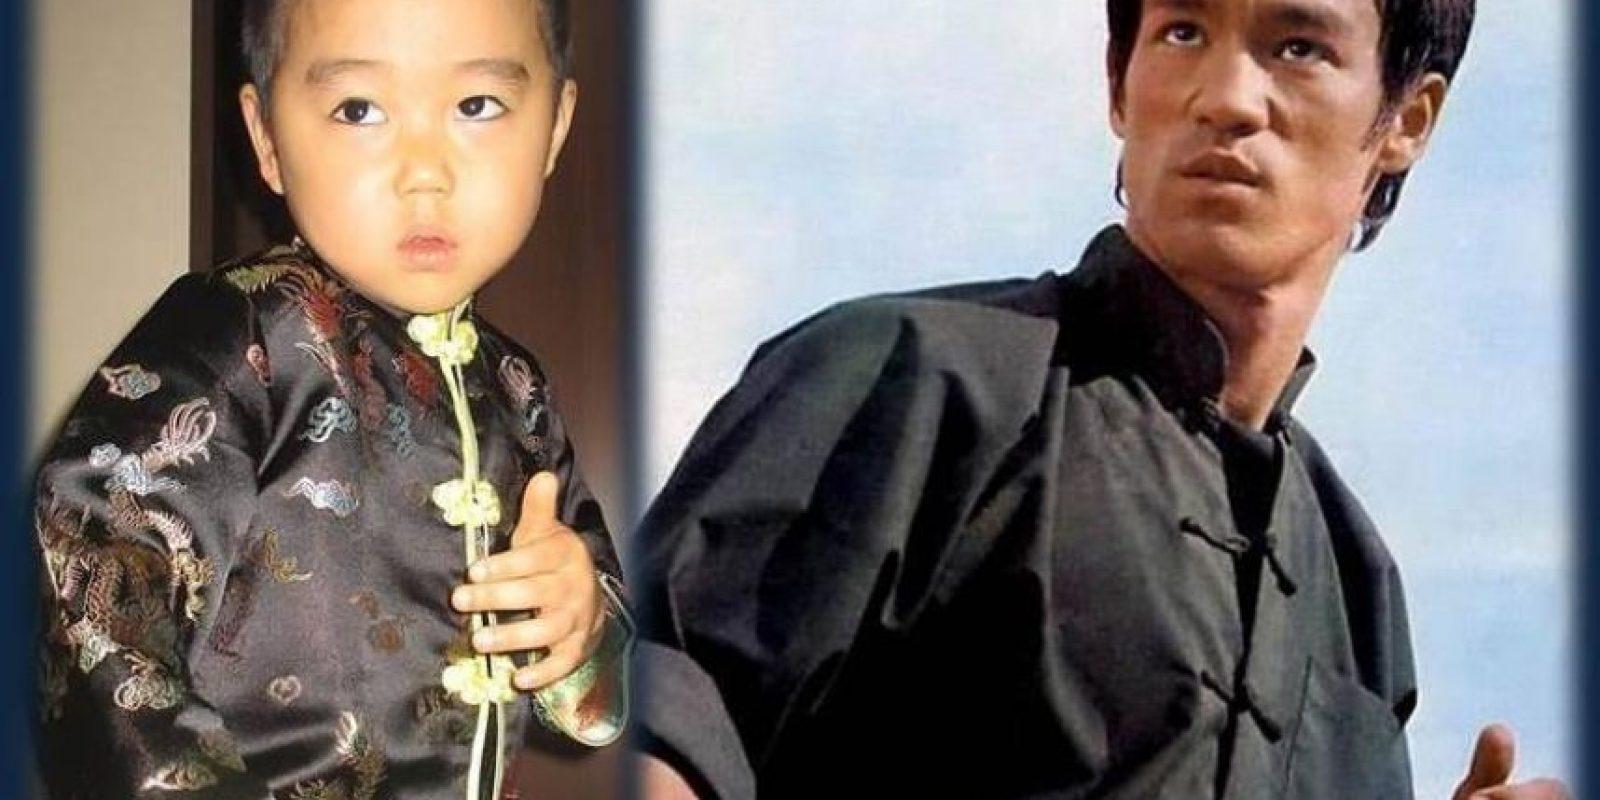 El nombre de pequeño japonés es Ryusei Foto:vía www.facebook.com/ryu.bruce.3